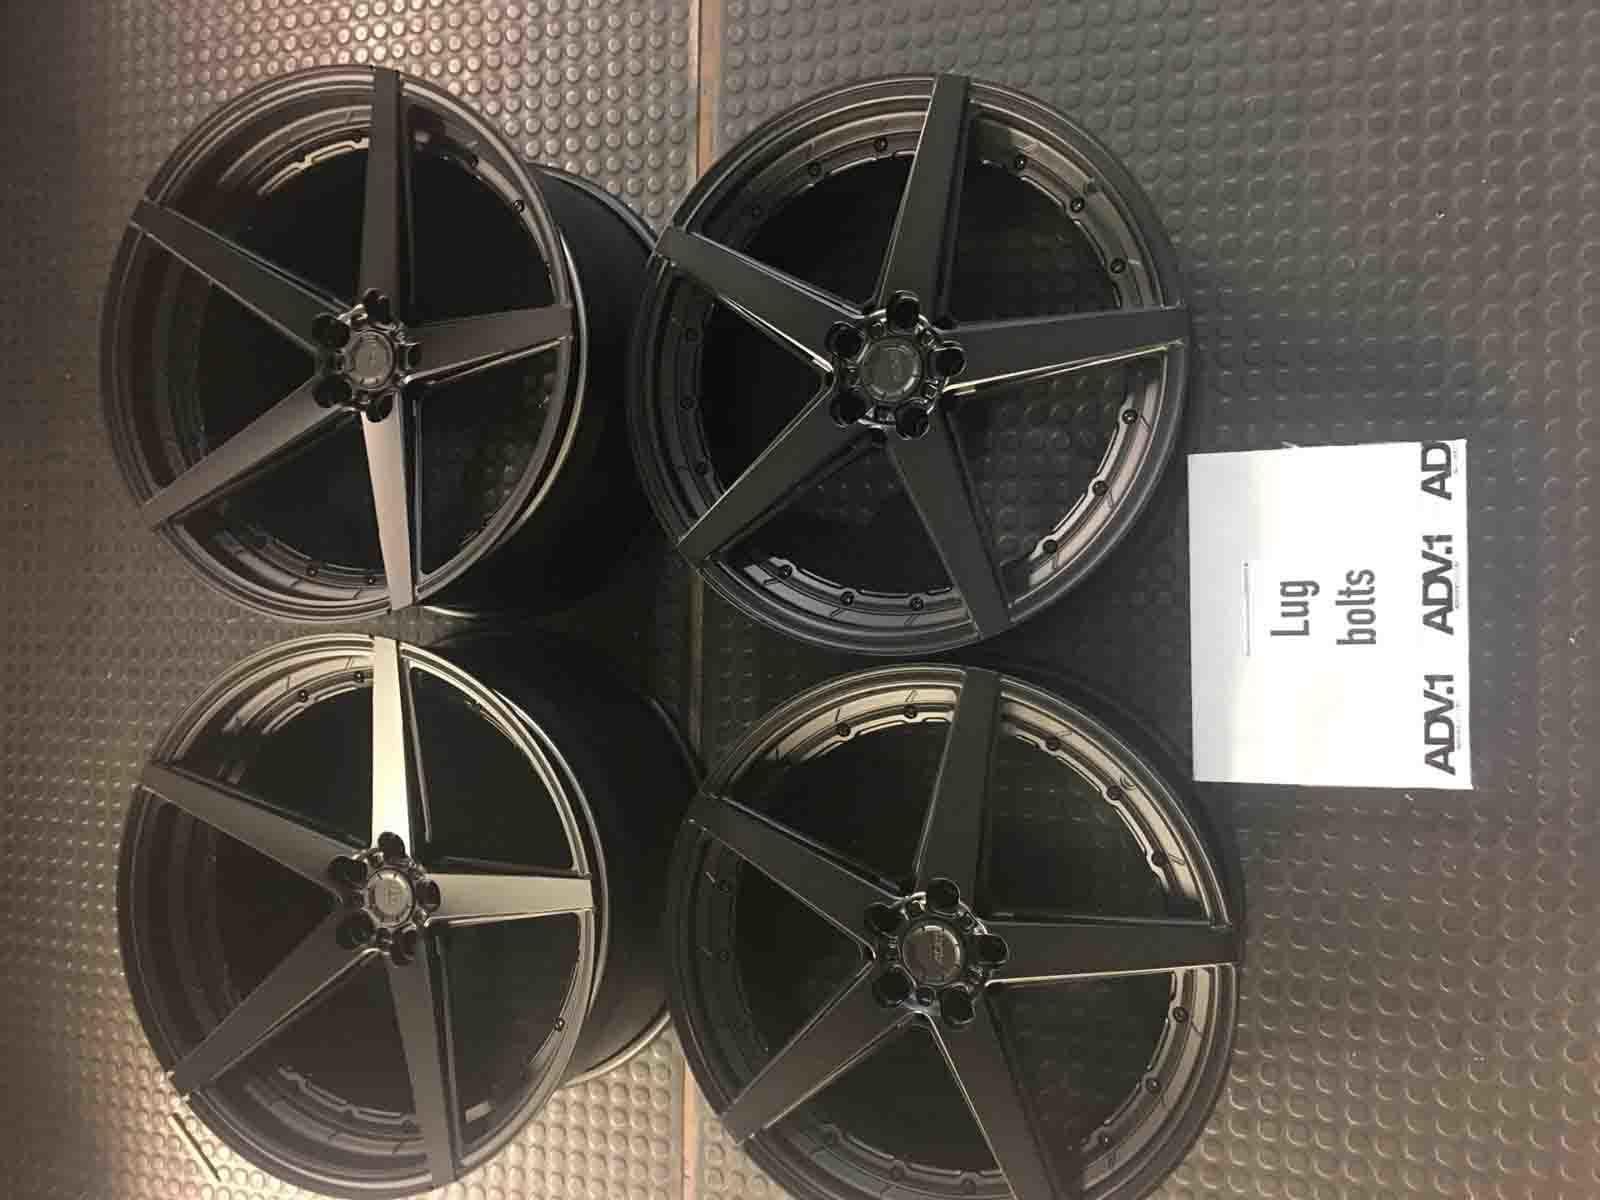 ADV.1 ADV5 M.V2 (Advanced Series) forged wheels